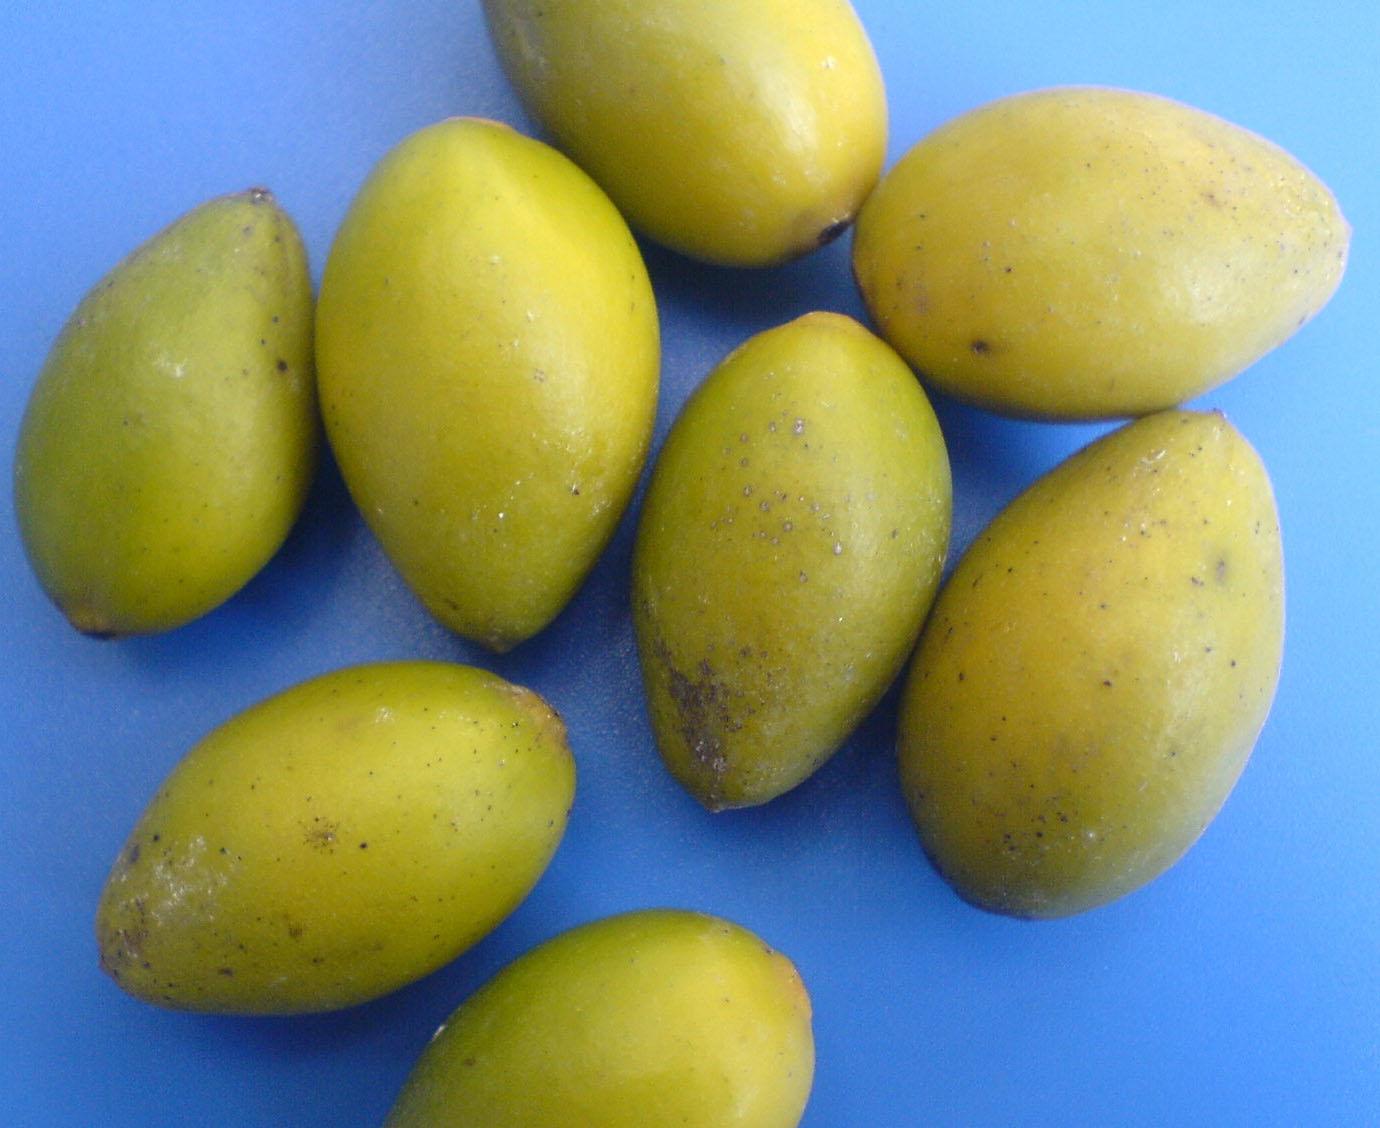 金果榄_【单方一】:金果榄